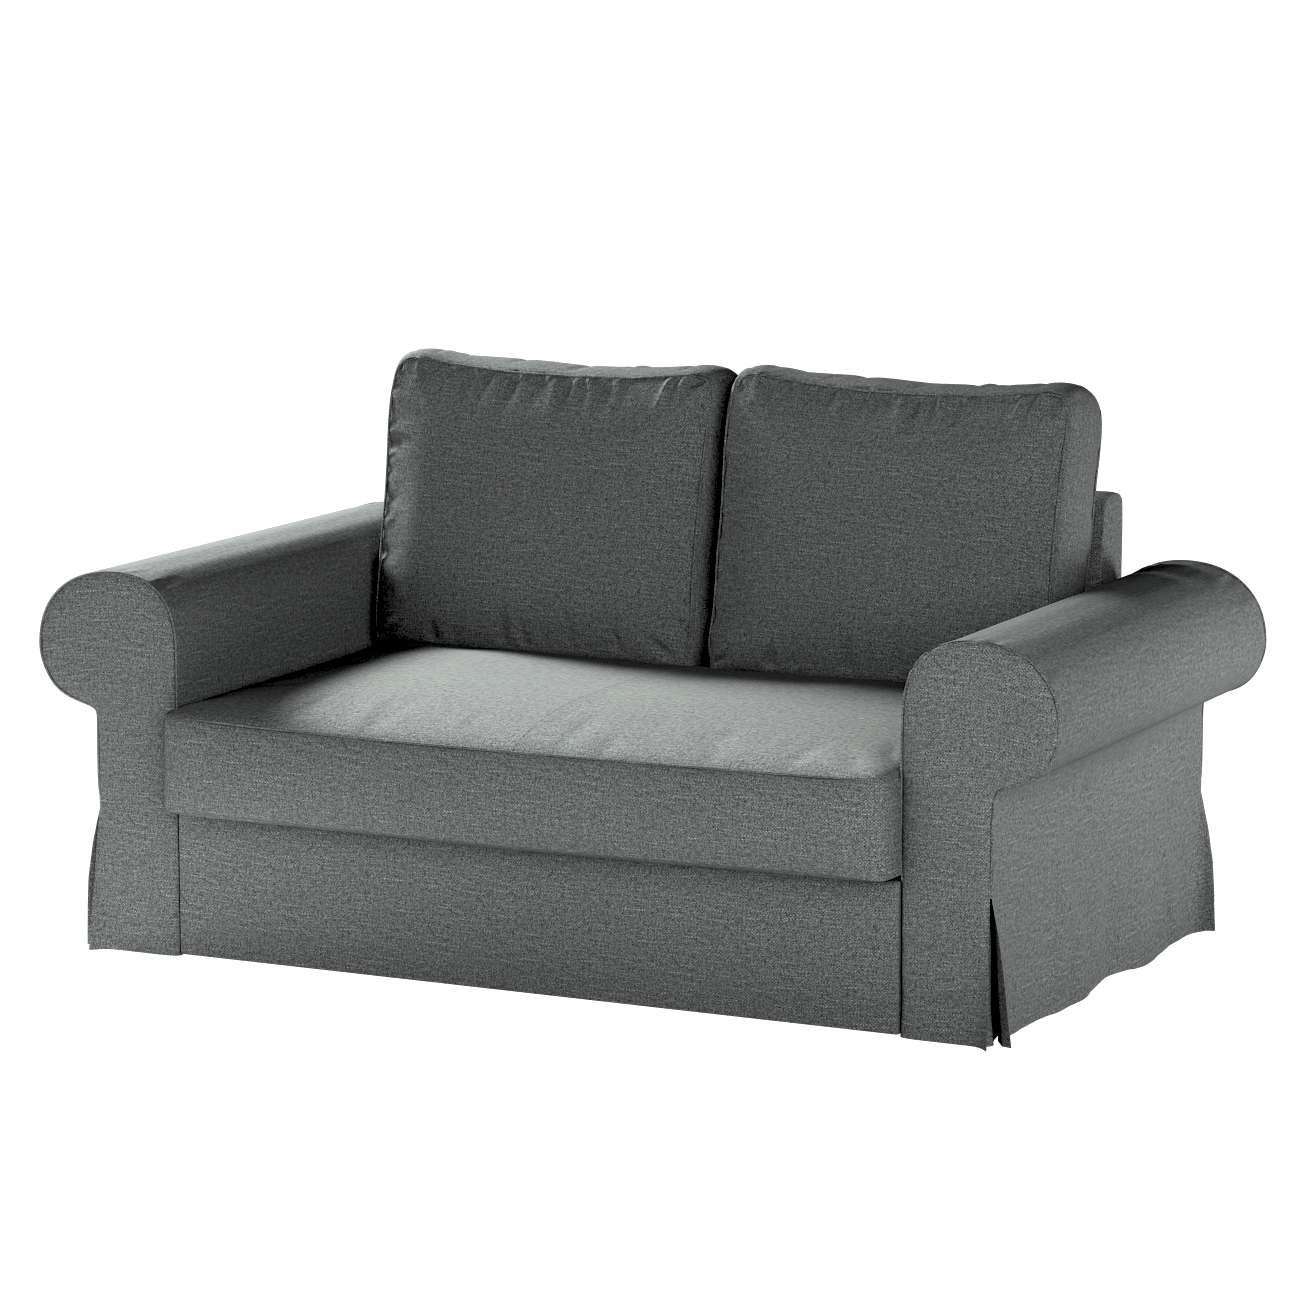 Pokrowiec na sofę Backabro 2-osobową rozkładaną w kolekcji Madrid, tkanina: 161-24